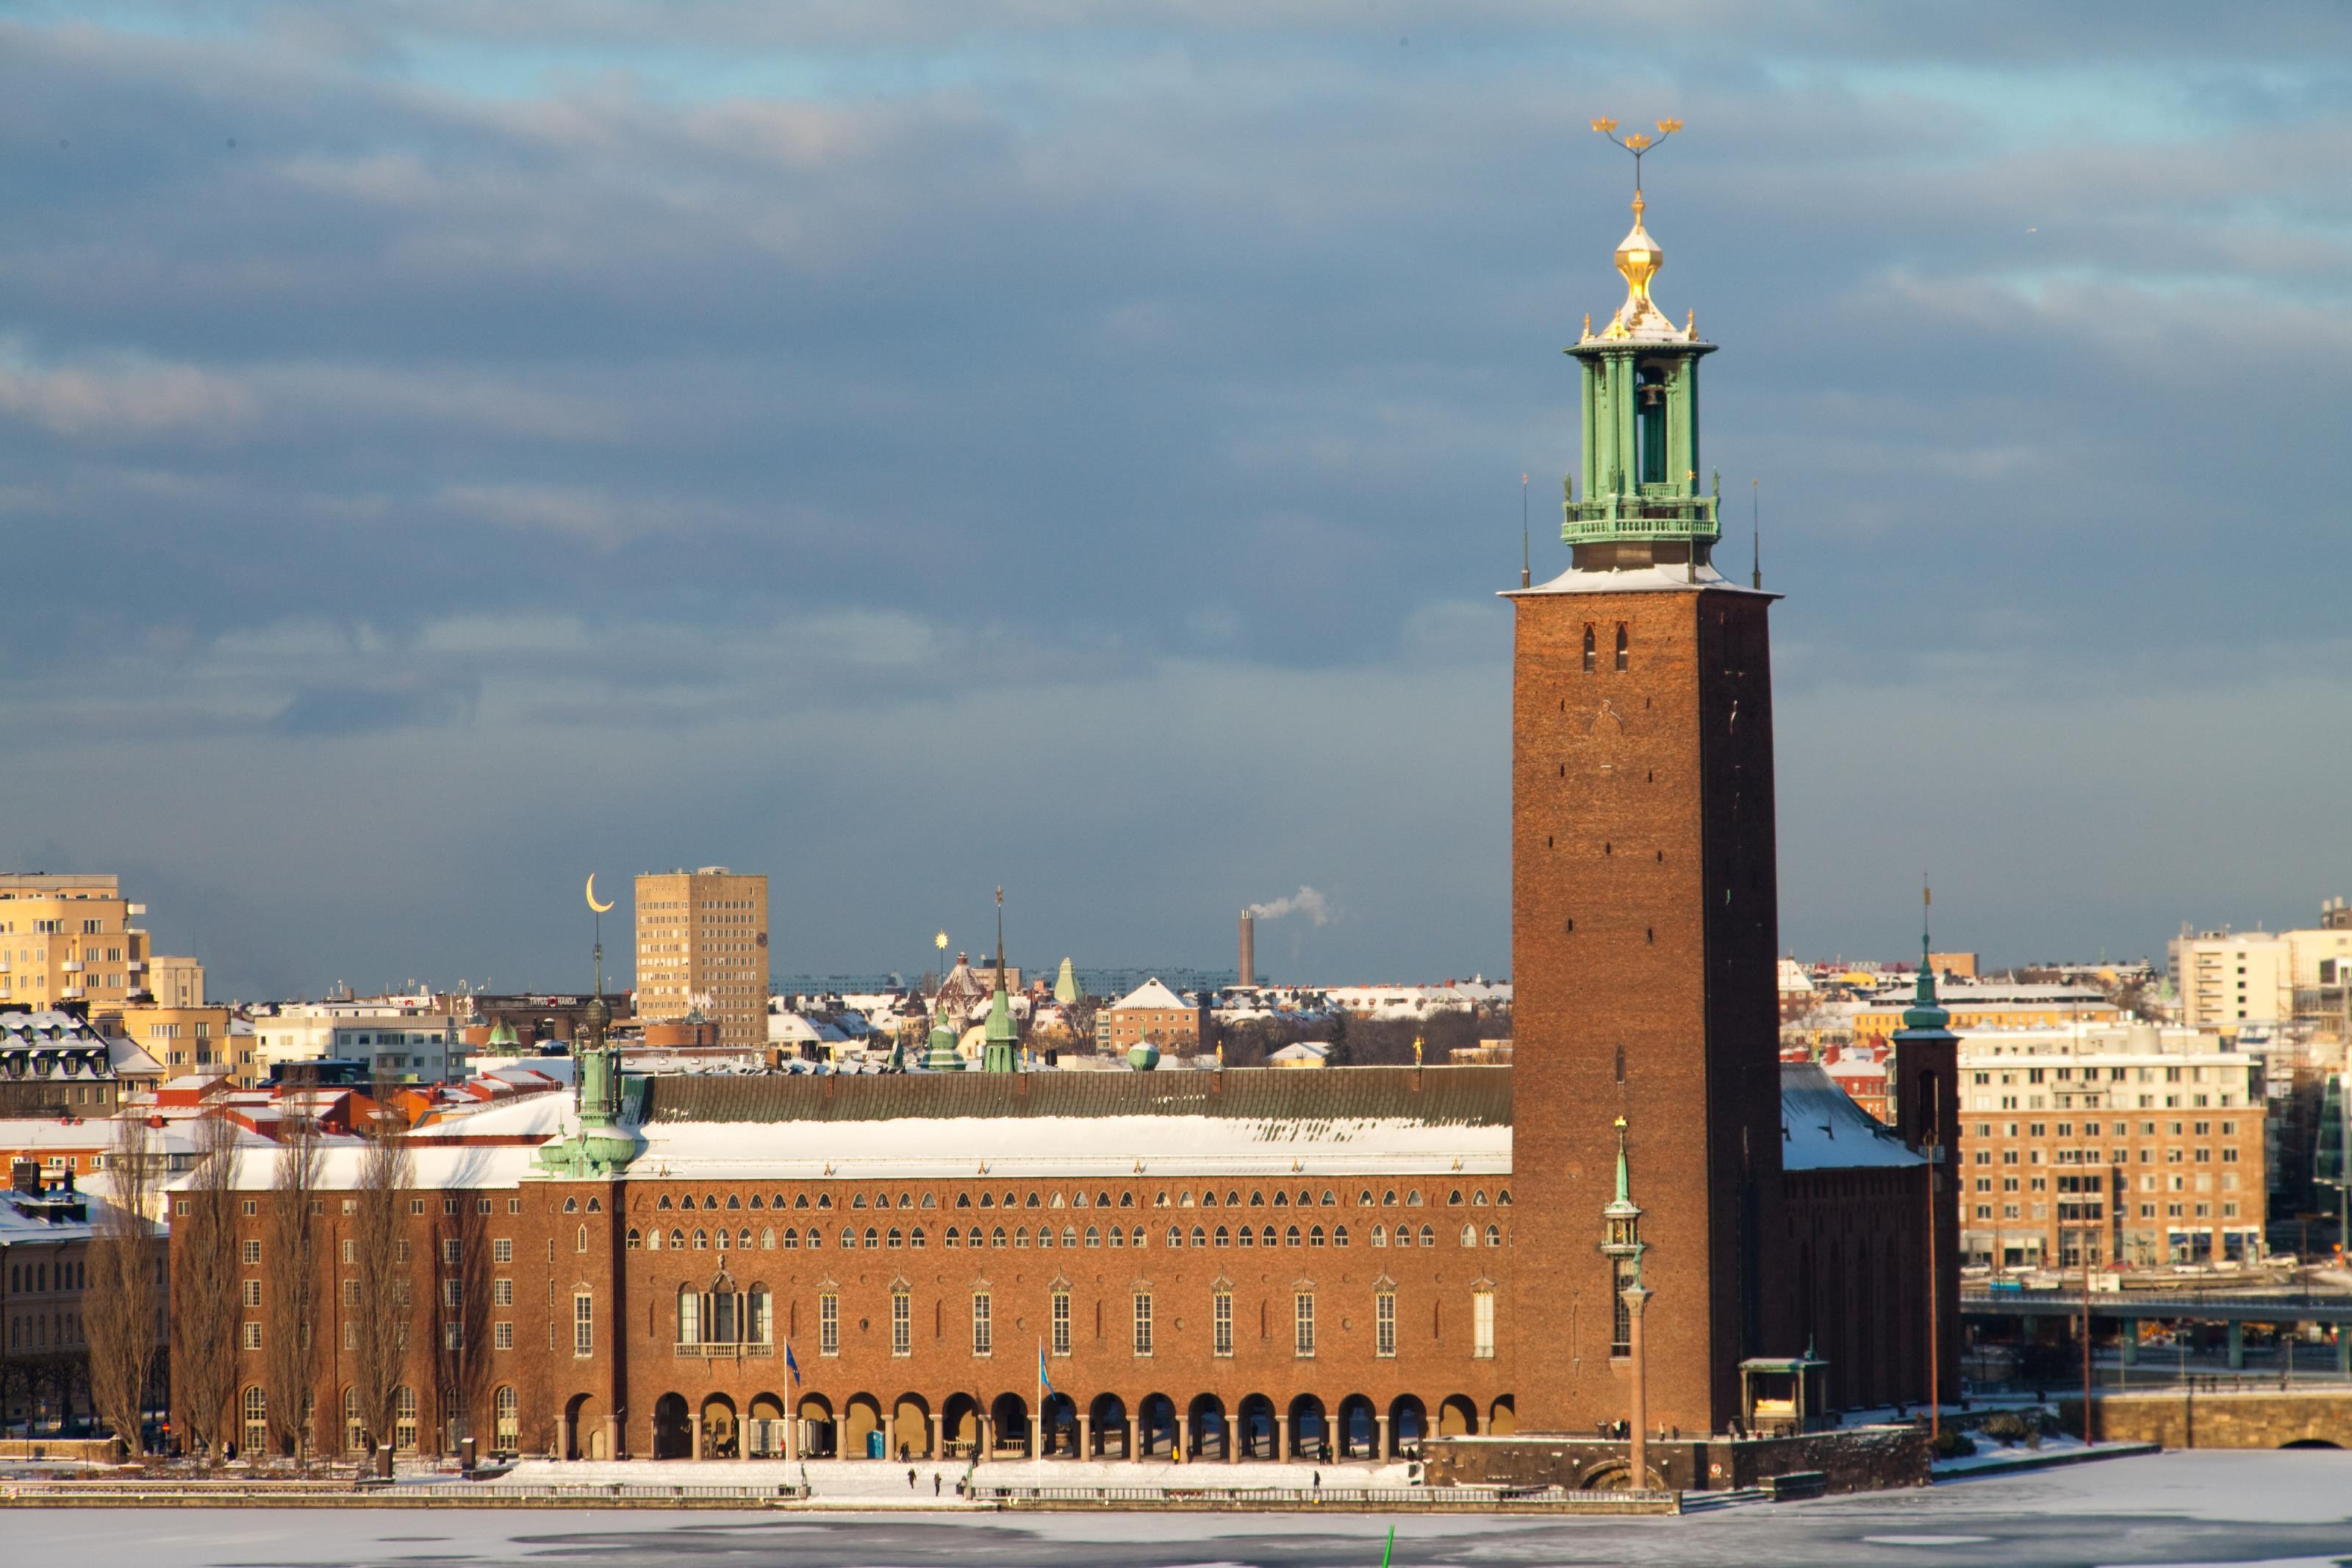 gratis mogenporr just nu stockholm